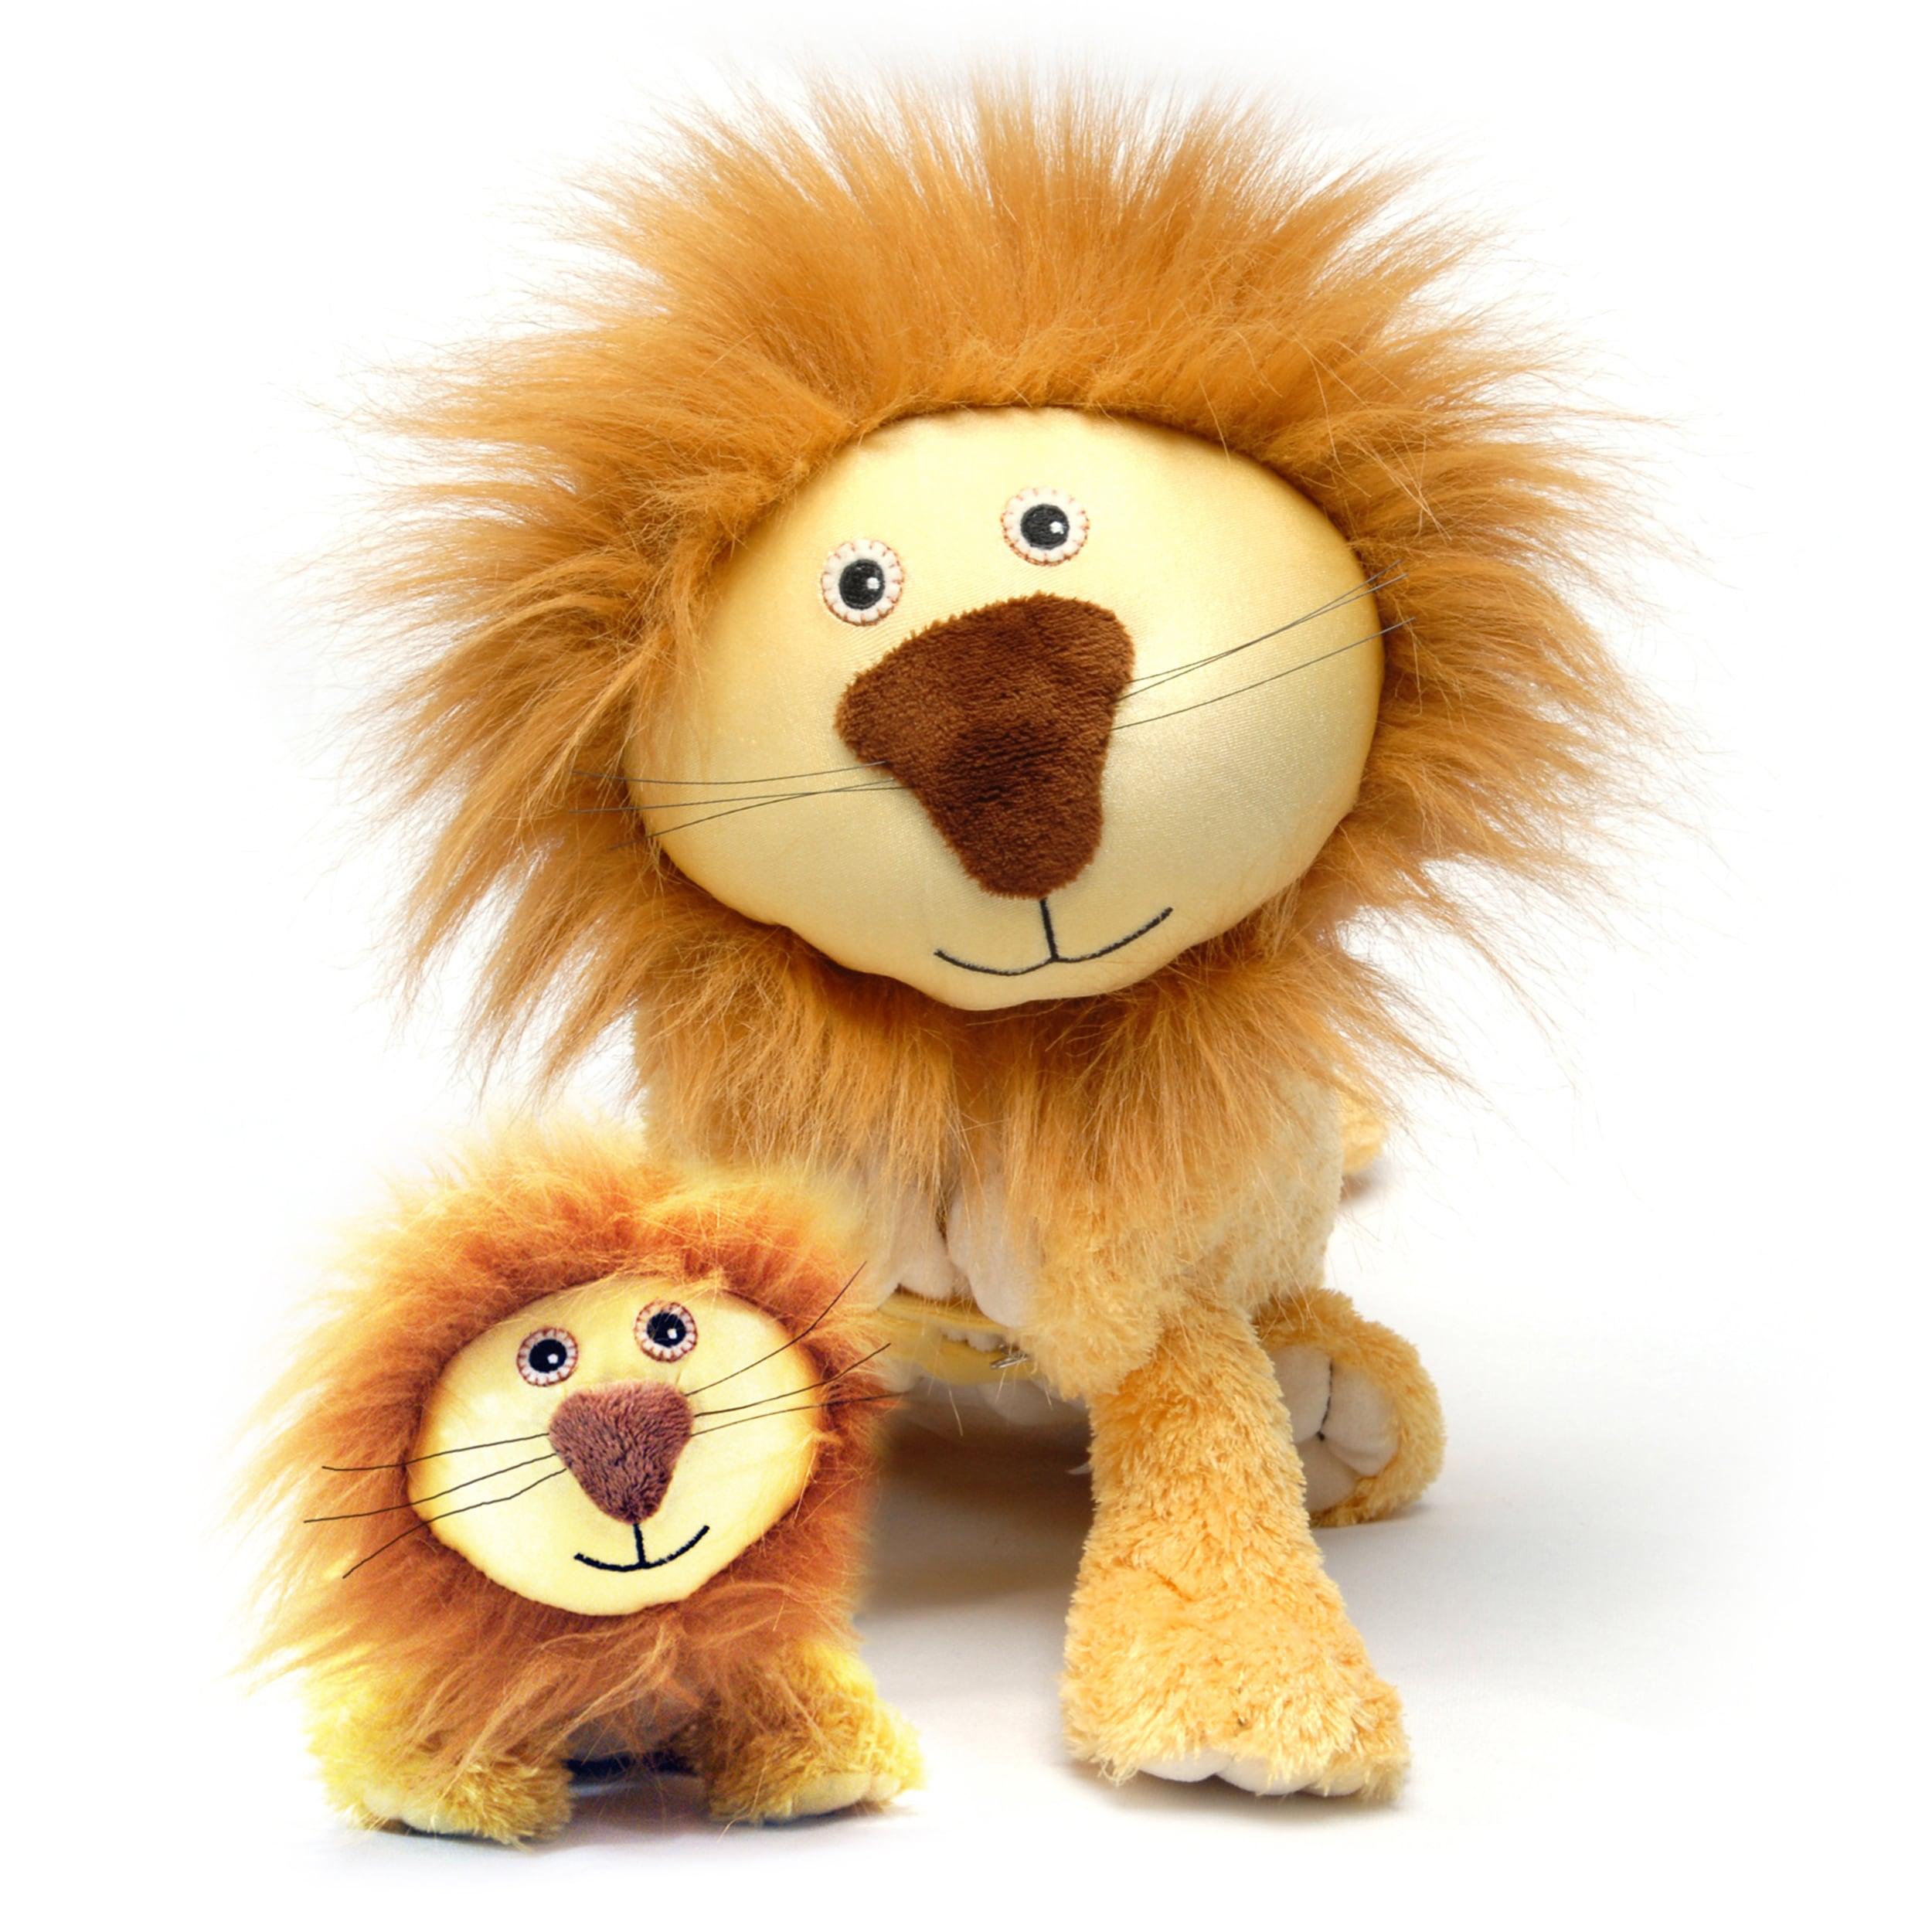 Zoobies 'Lencho the Lion' Plus Mini Plush Blanket Pet